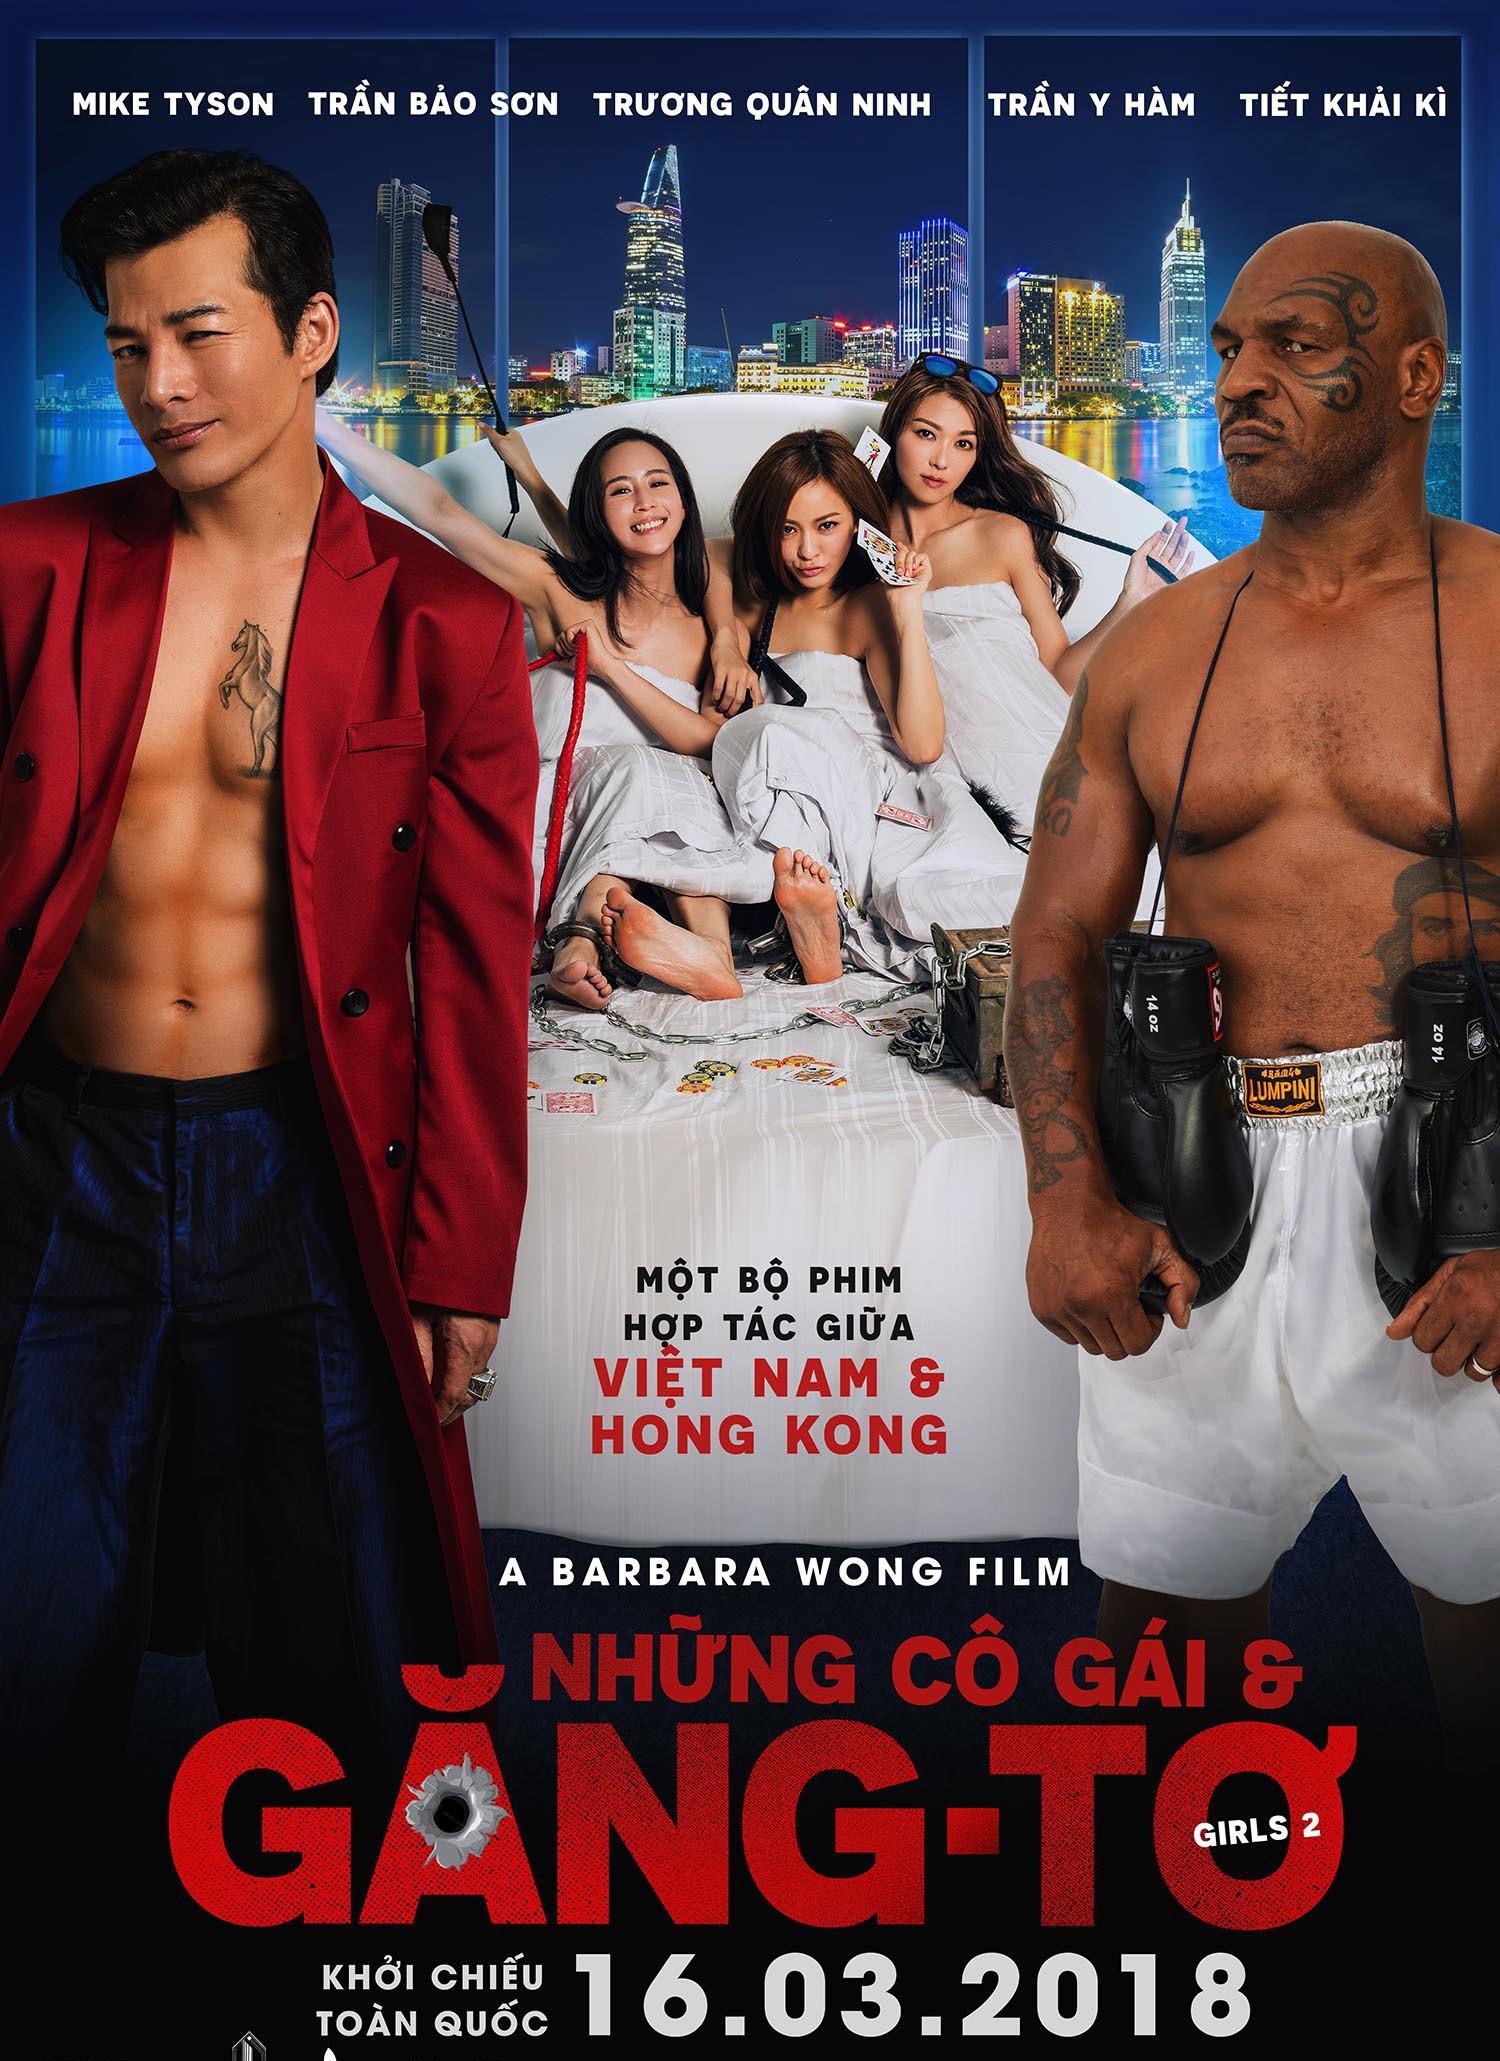 Trailer Phim Của Trần Bảo Sơn: Nóng Với Cảnh Quay Của Mike Tyson Và 3